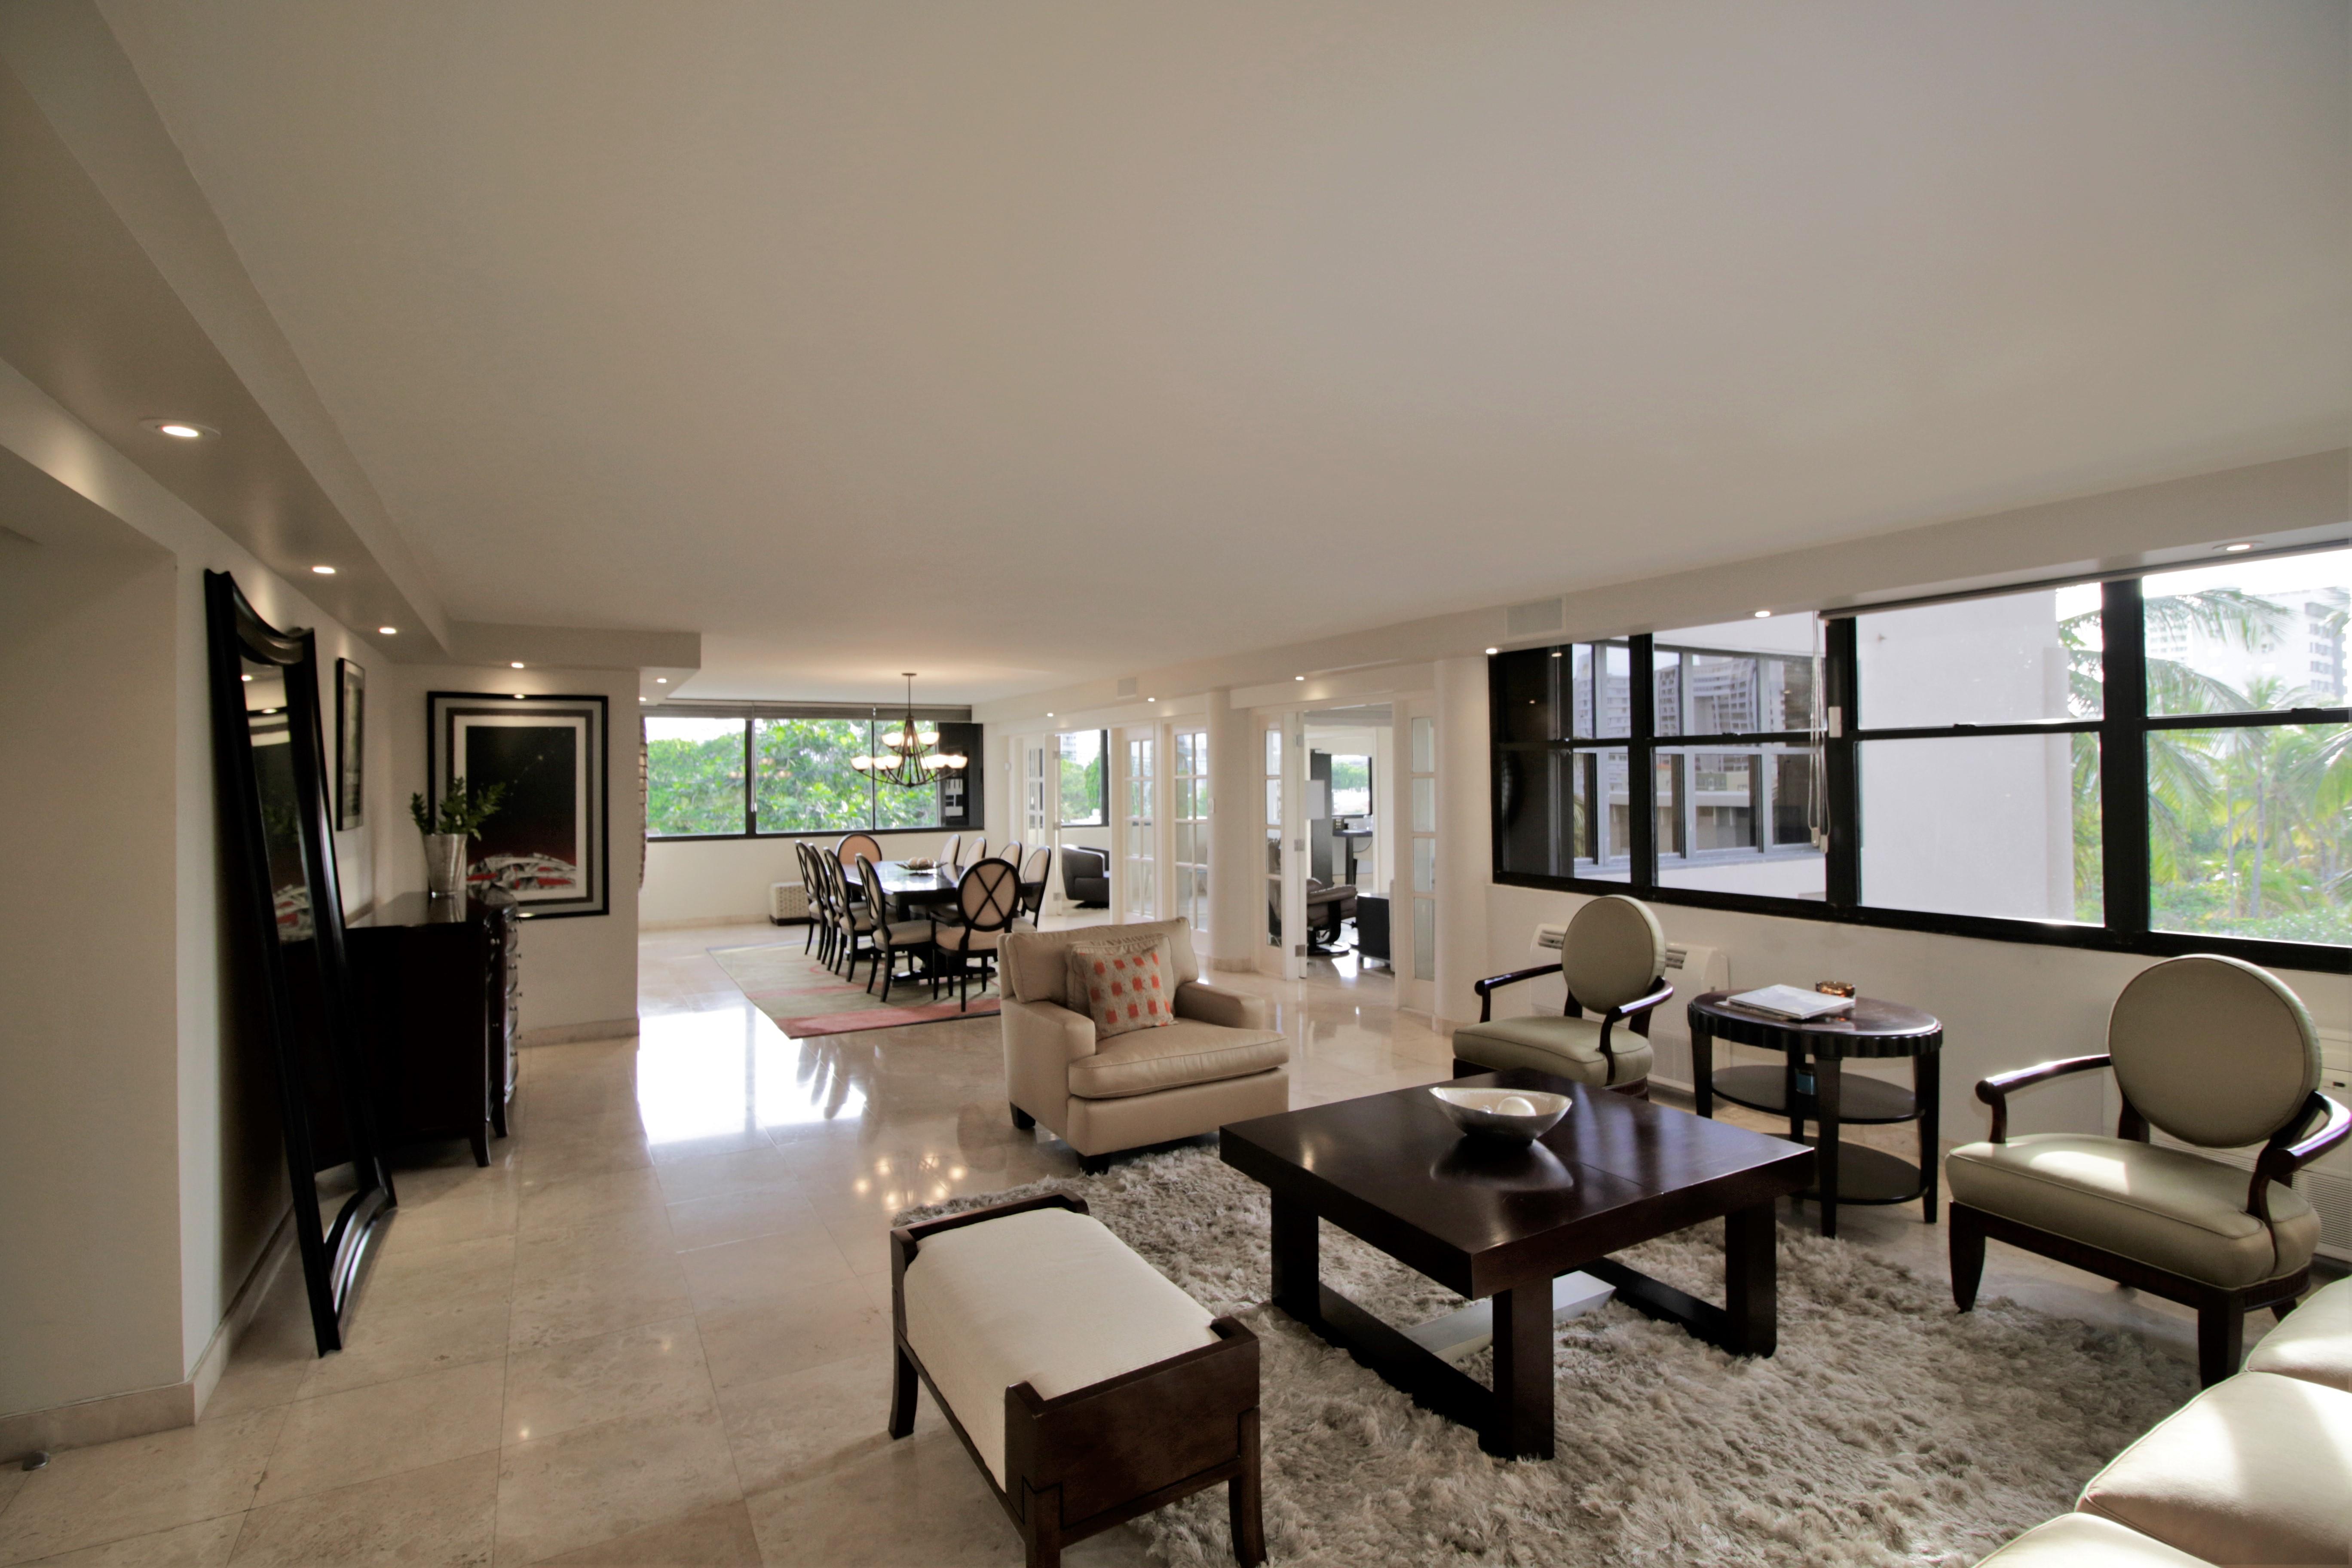 Apartamento por un Alquiler en La Ceiba in CoBe 1483 Avenida Ashford Apt 402 San Juan, Puerto Rico 00907 Puerto Rico